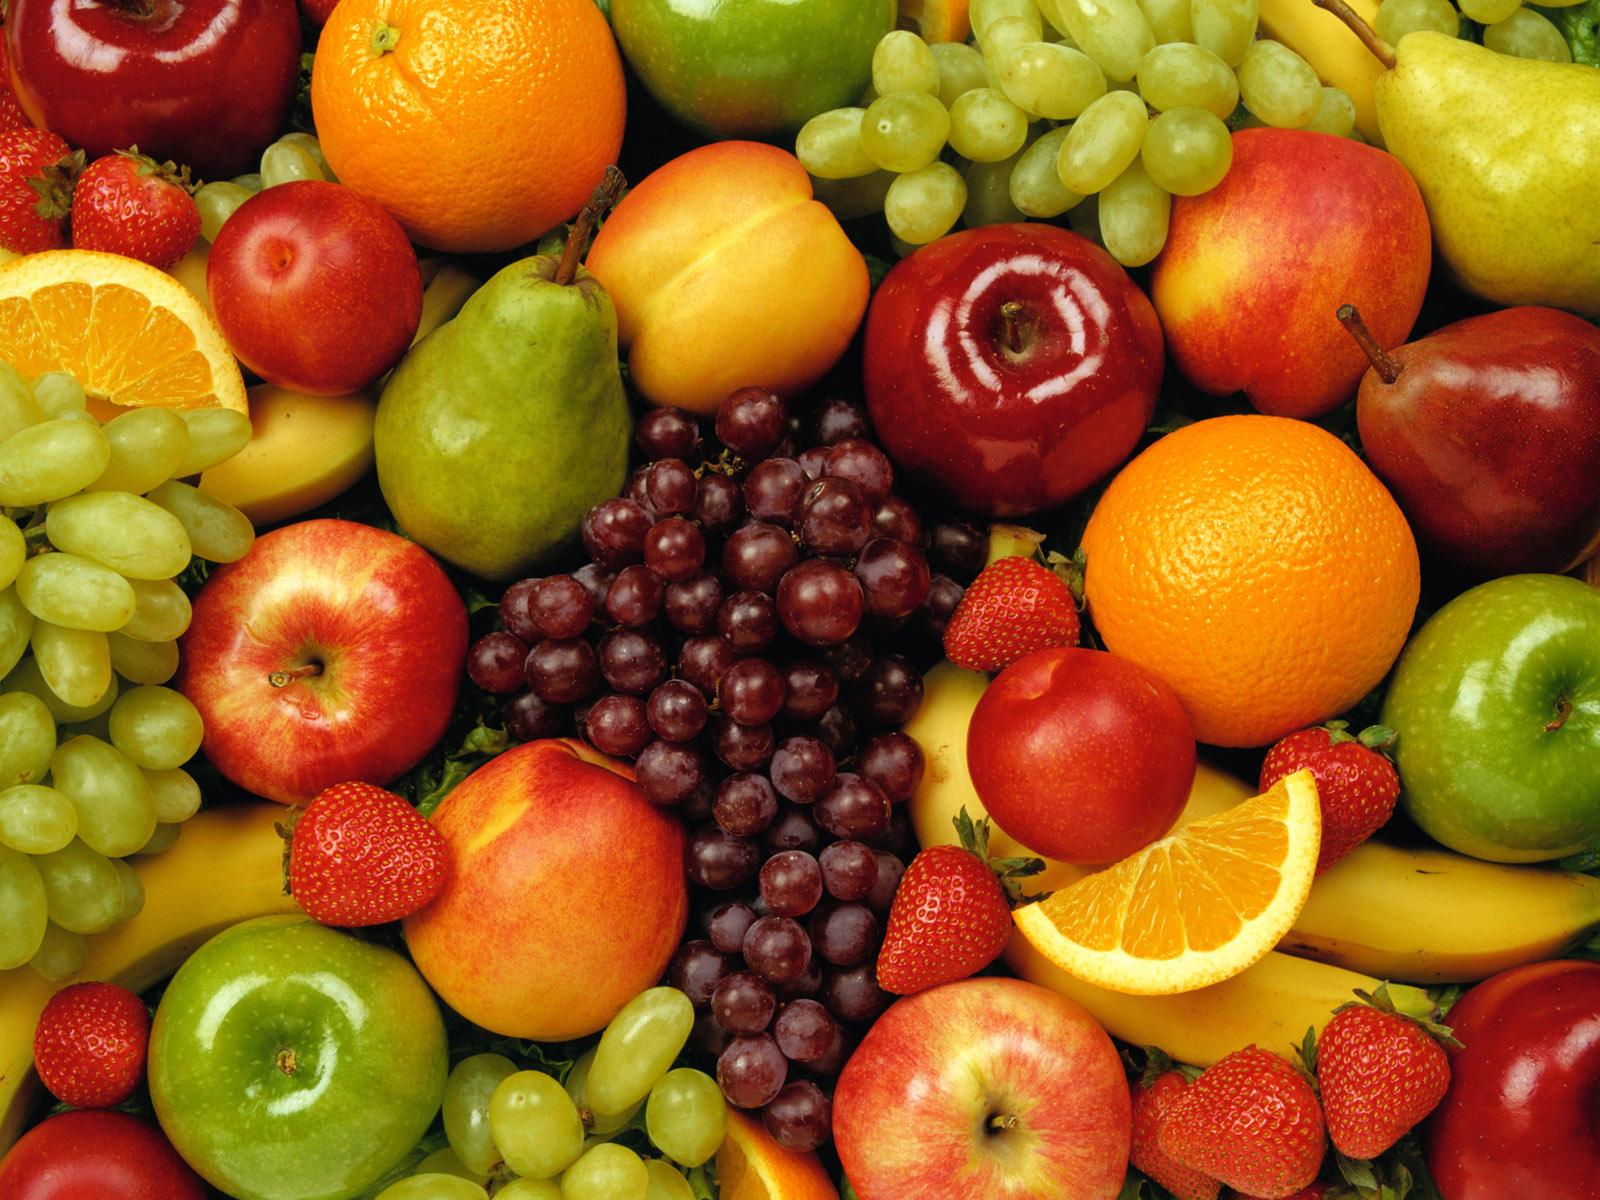 Main Natural Food Additives